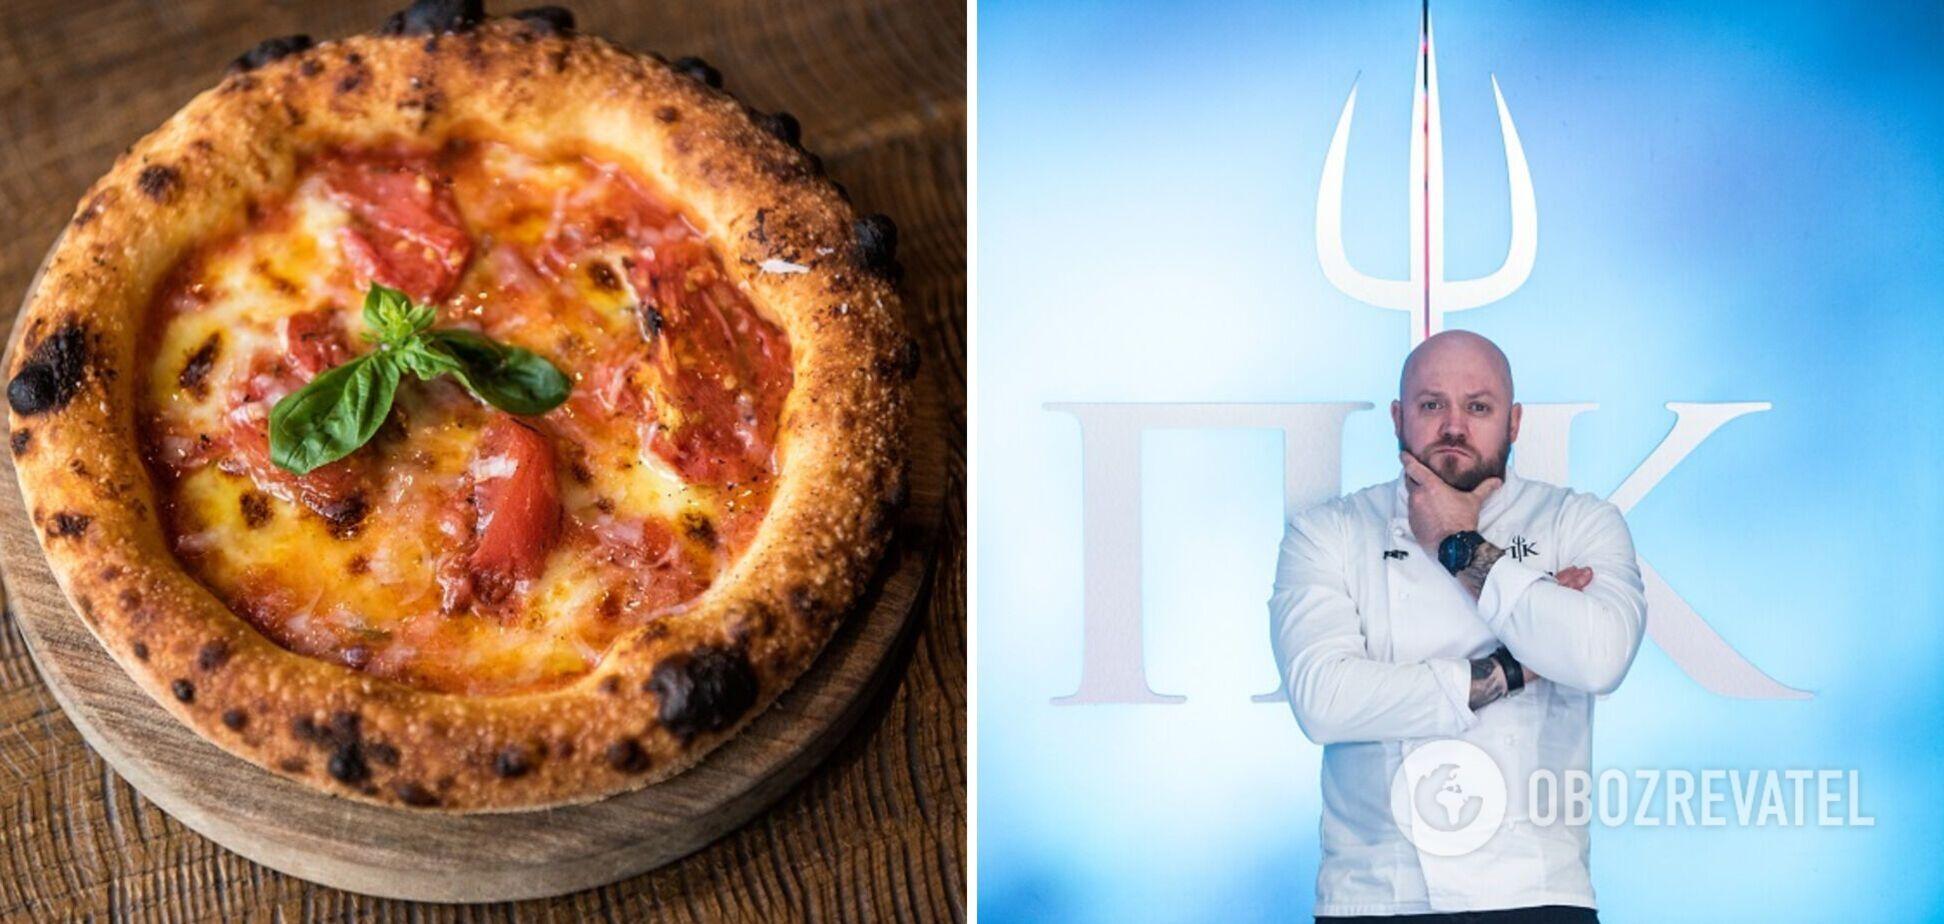 Пицца 'Маргарита' от шефа 'Адской кухни': рецепт культового блюда